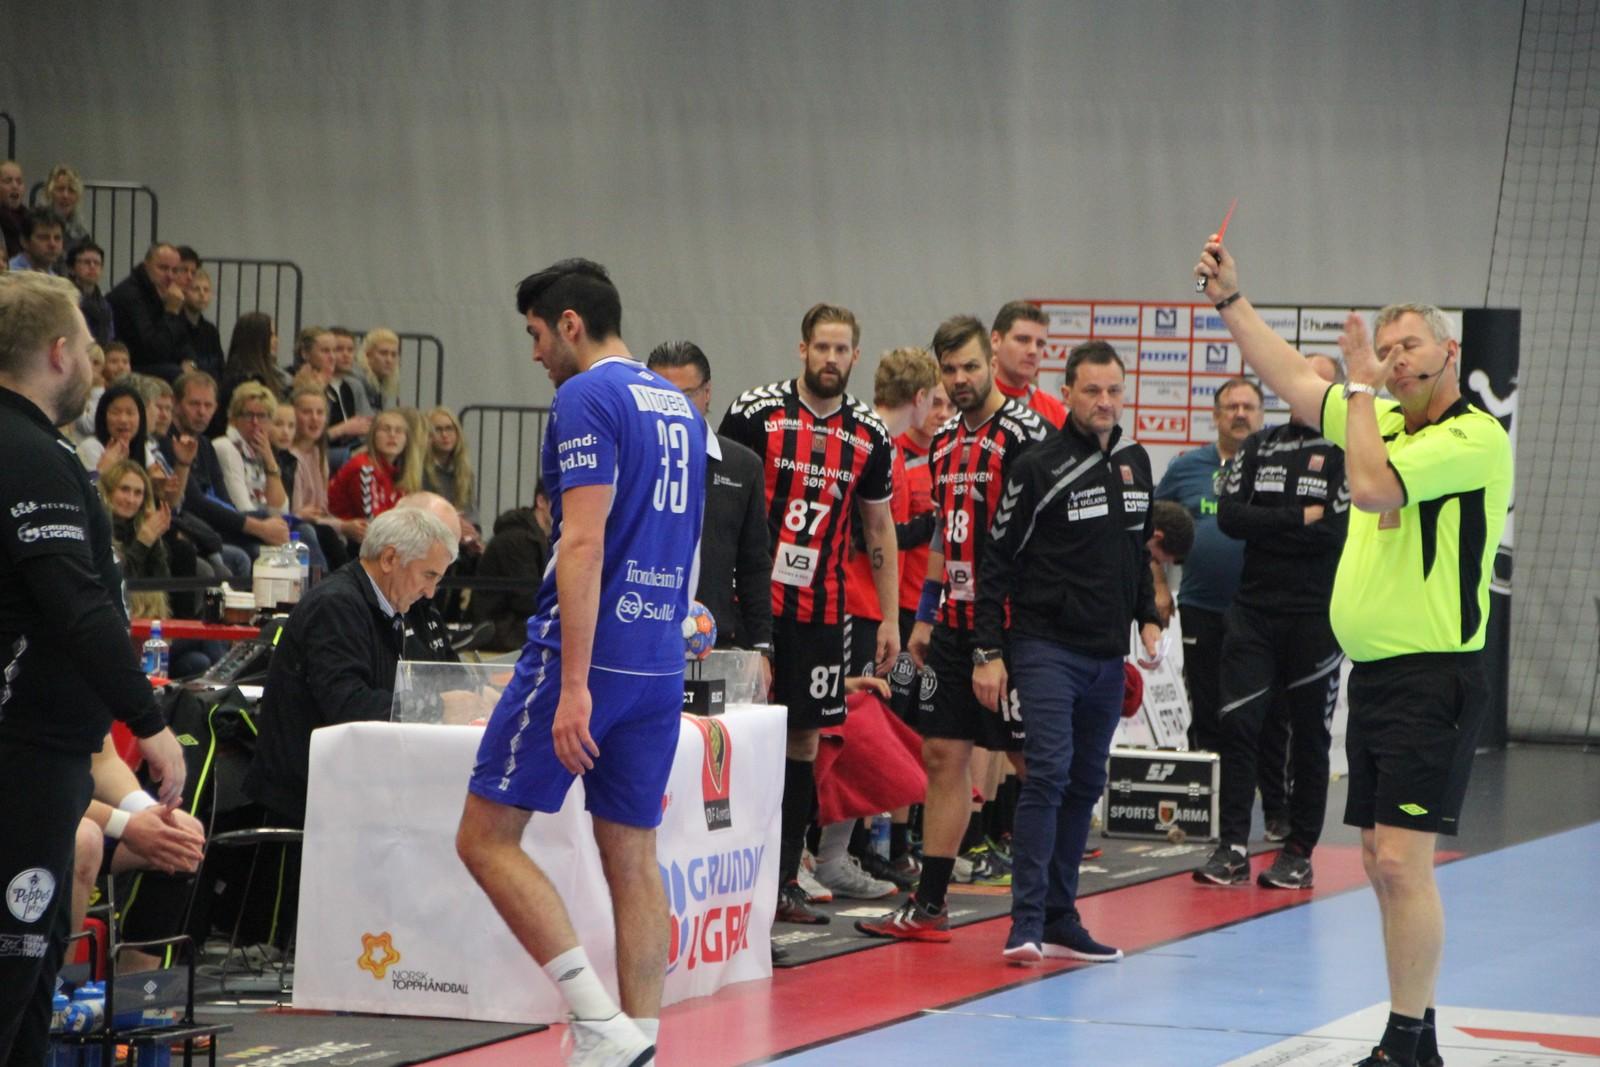 Kolstad-spelar Mishels Liaba fekk det raude kortet før fem minutt var spelt.